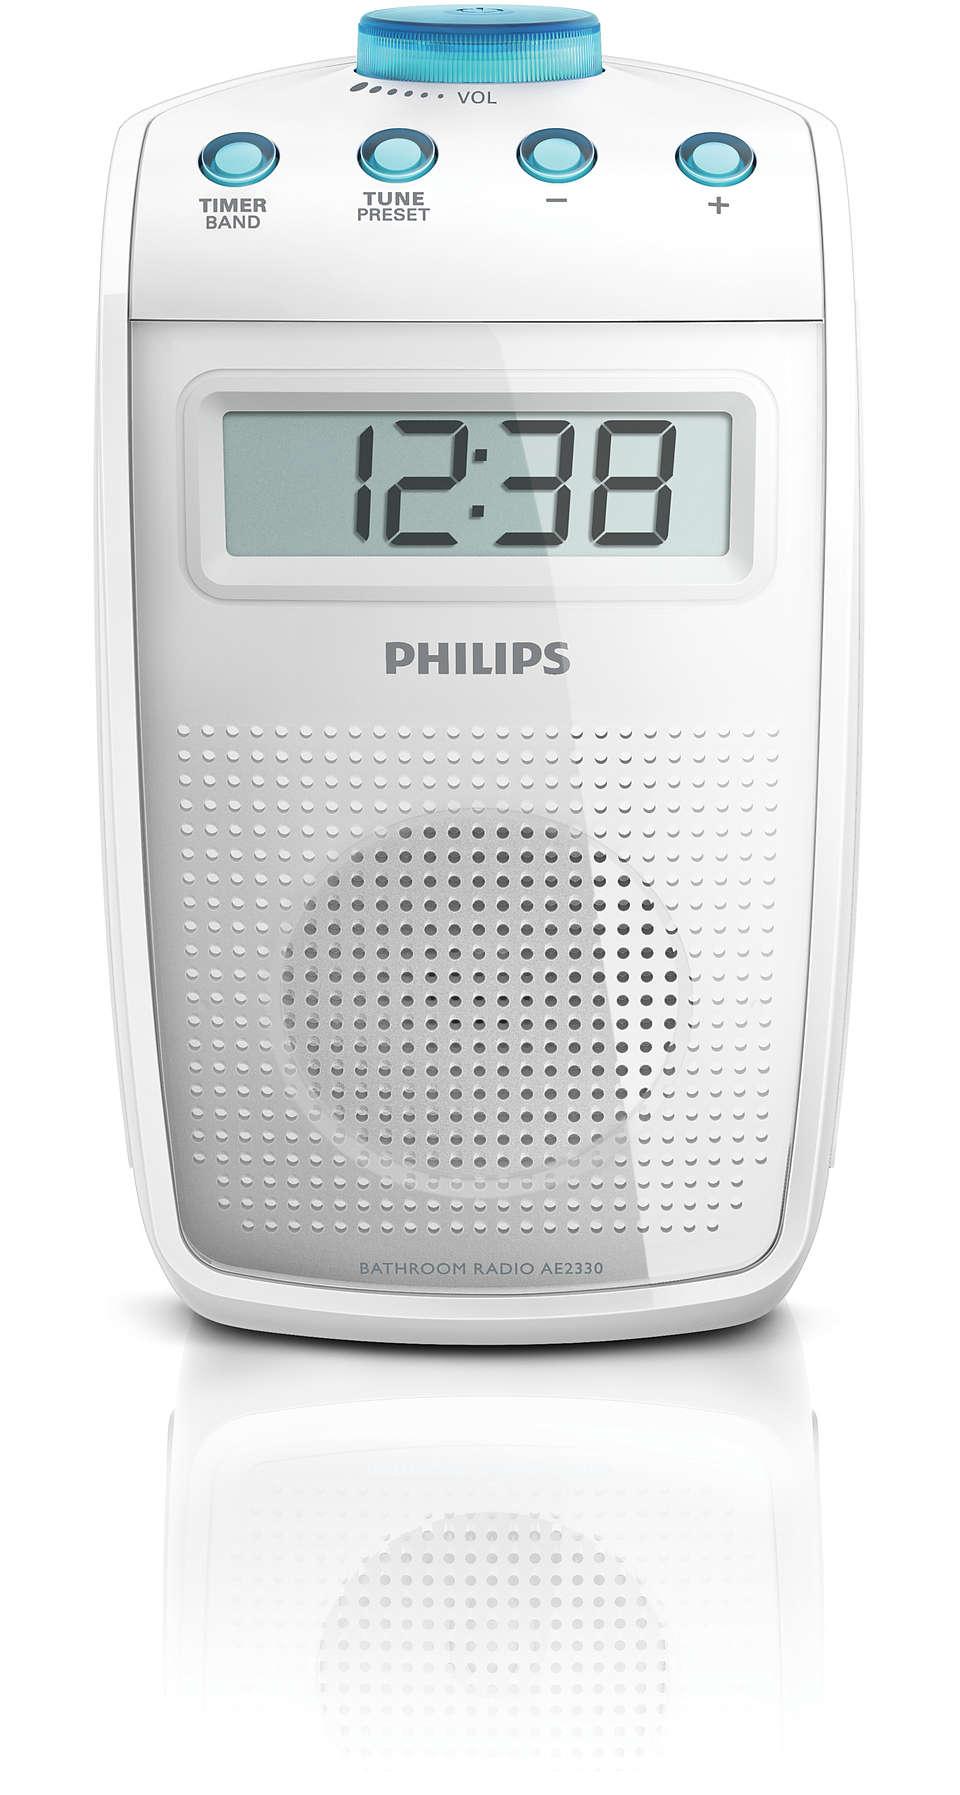 Spritzwasser geschütztes Badezimmer-Radio